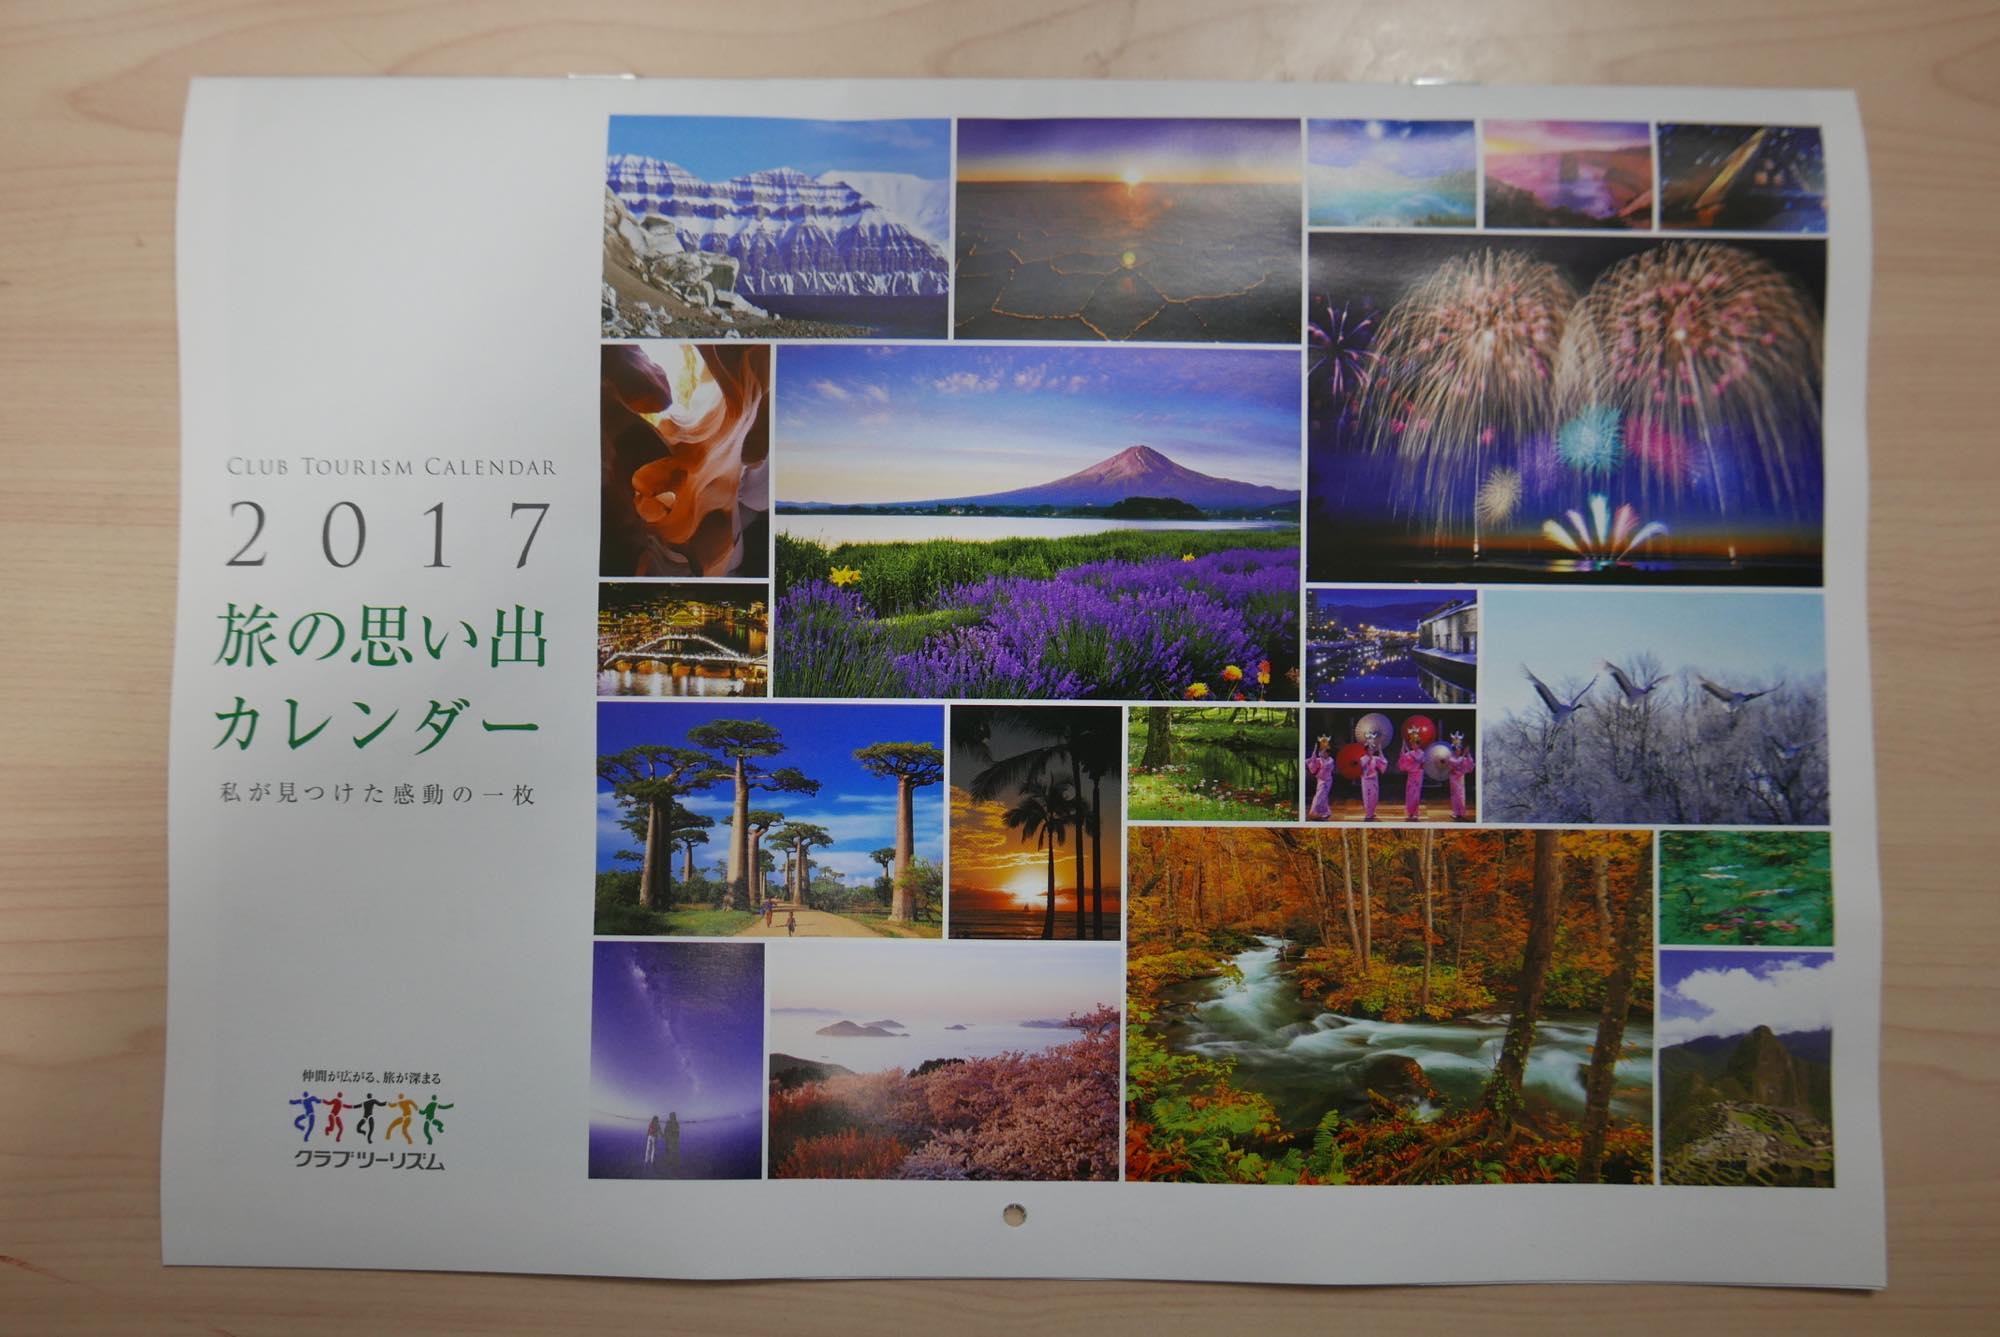 2017年 クラブツーリズムカレンダーコンテスト